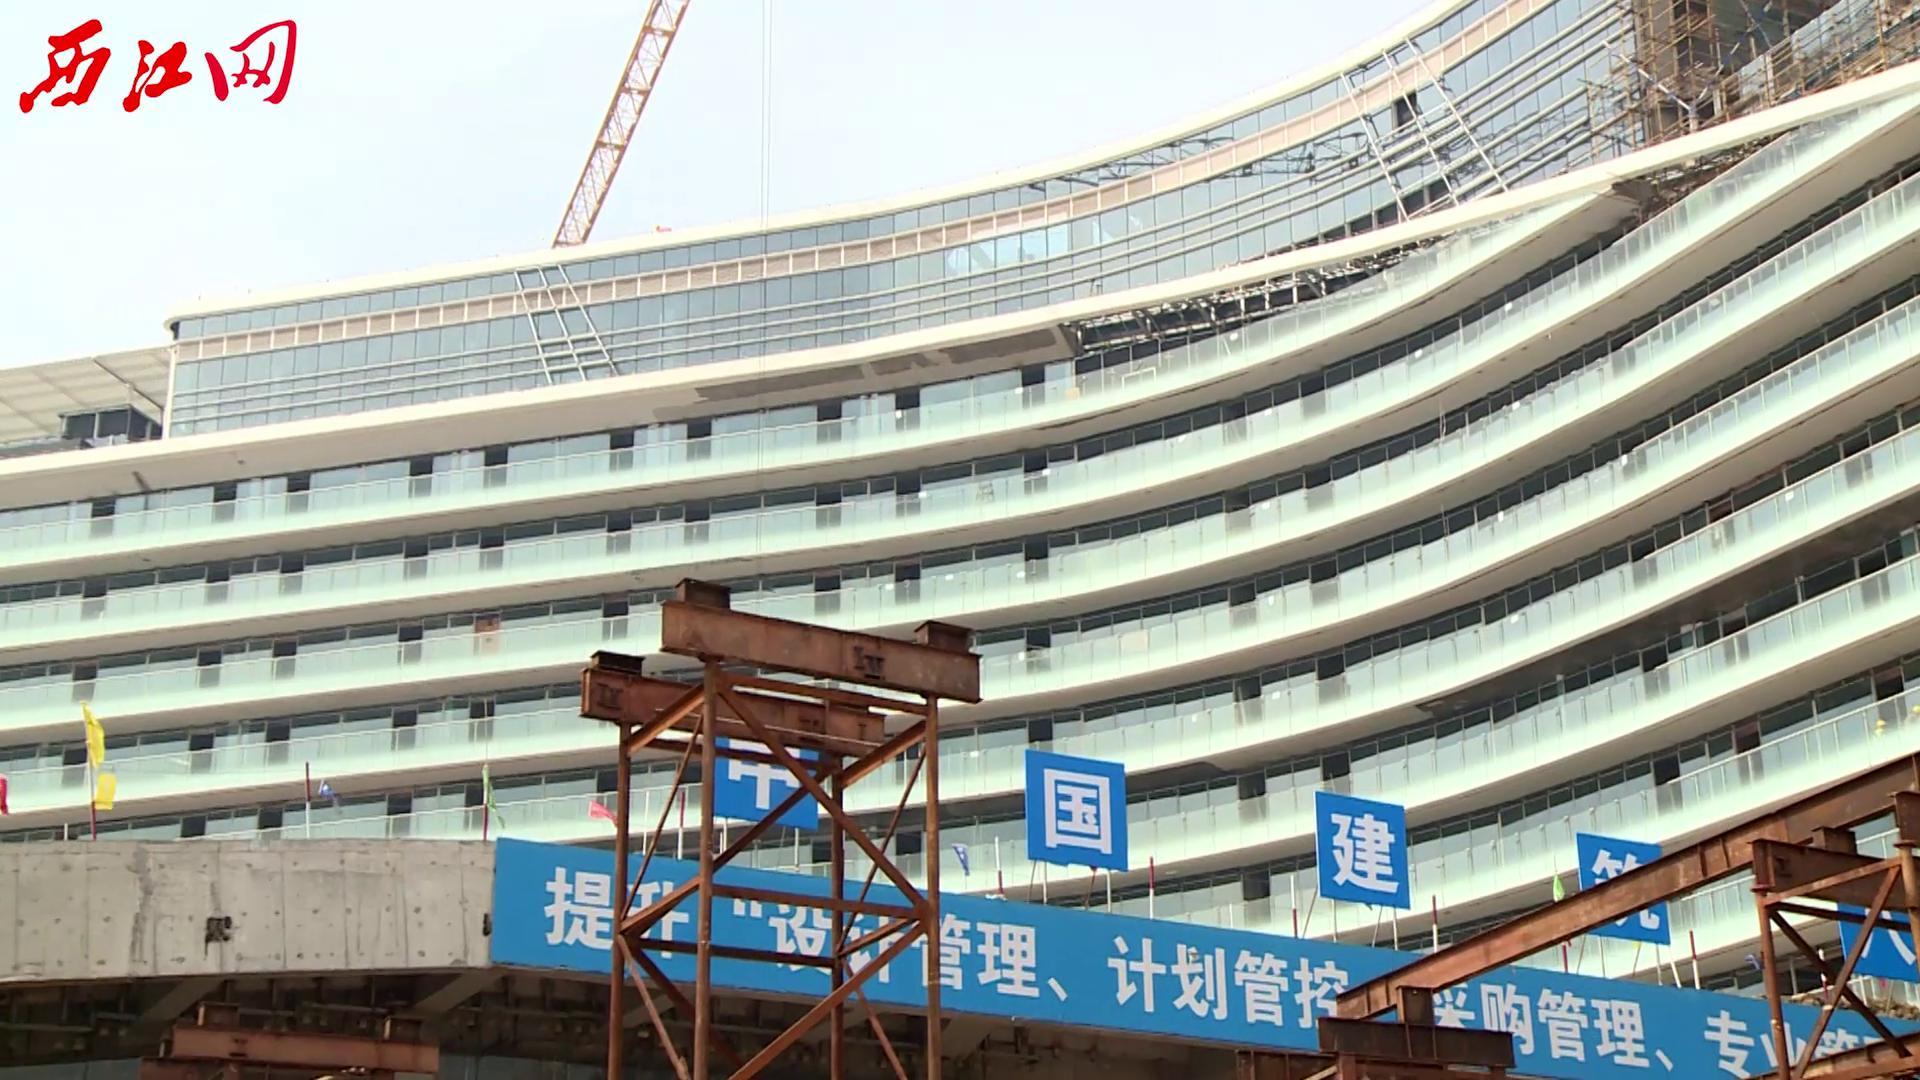 肇庆新区湿地景观酒店建设进入收尾阶段